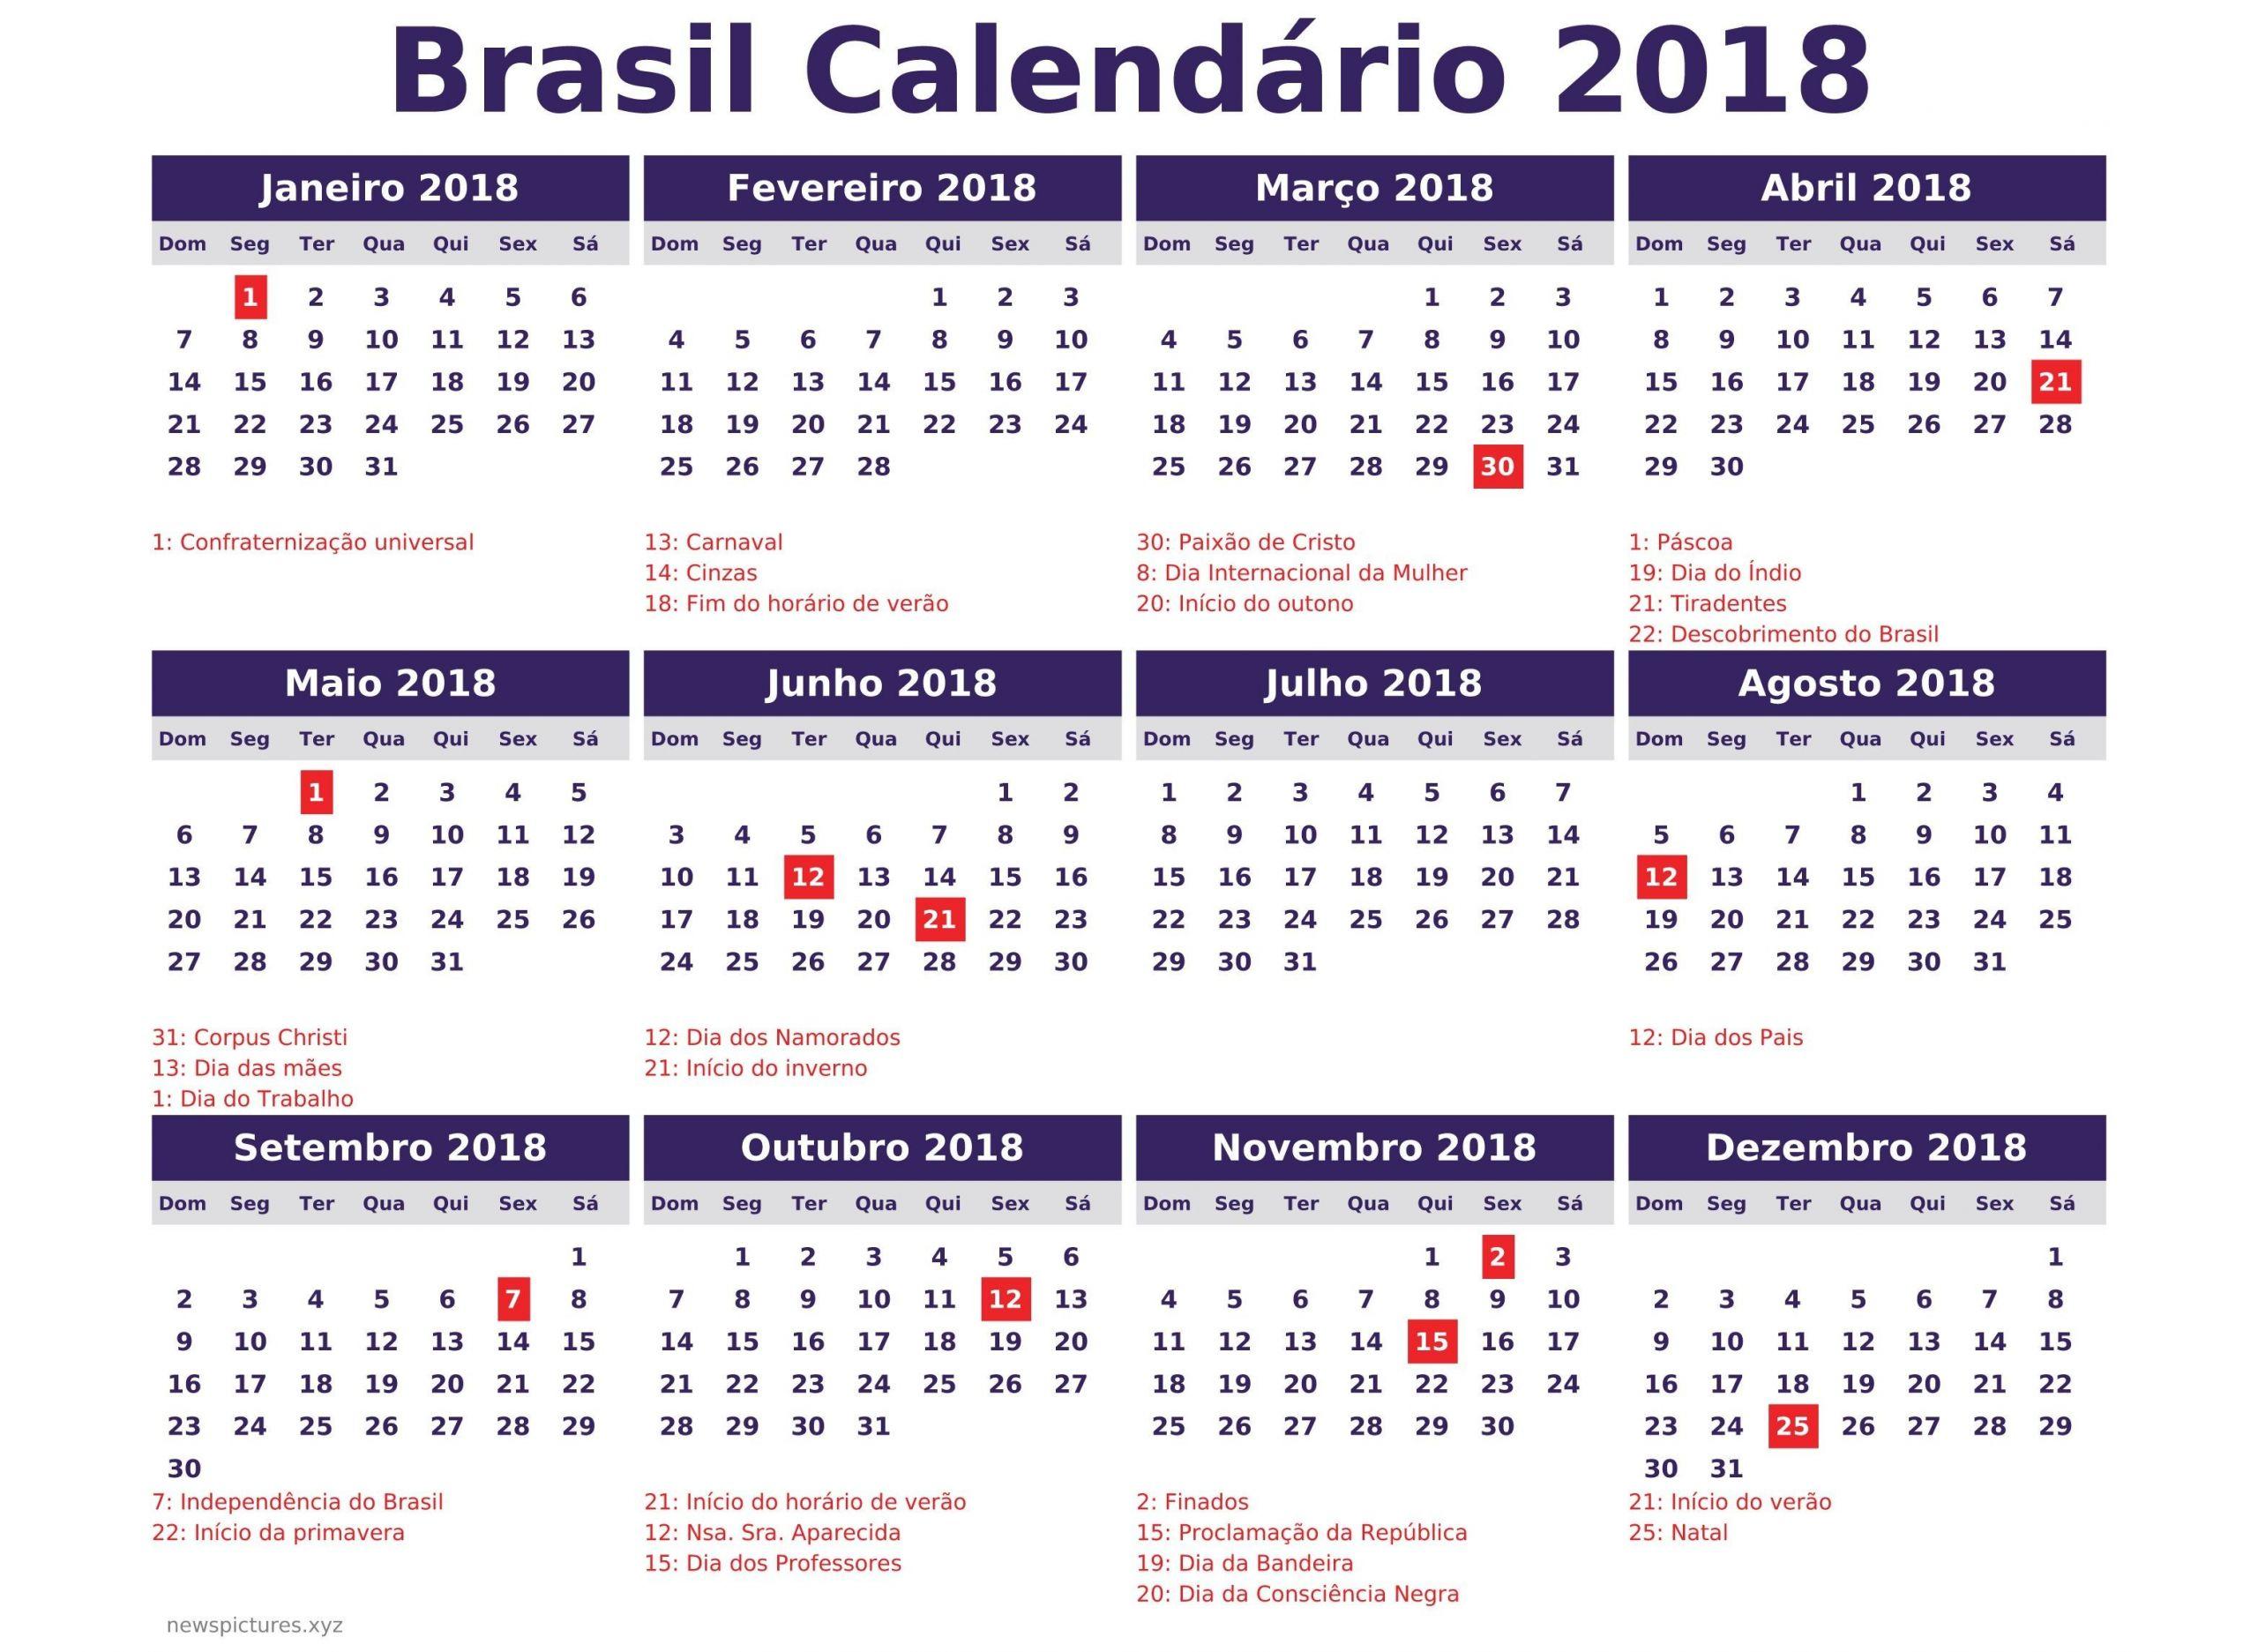 imprimir calendario de agosto de 2017 mas populares keila lacerda keilalacerda07 on pinterest of imprimir calendario de agosto de 2017